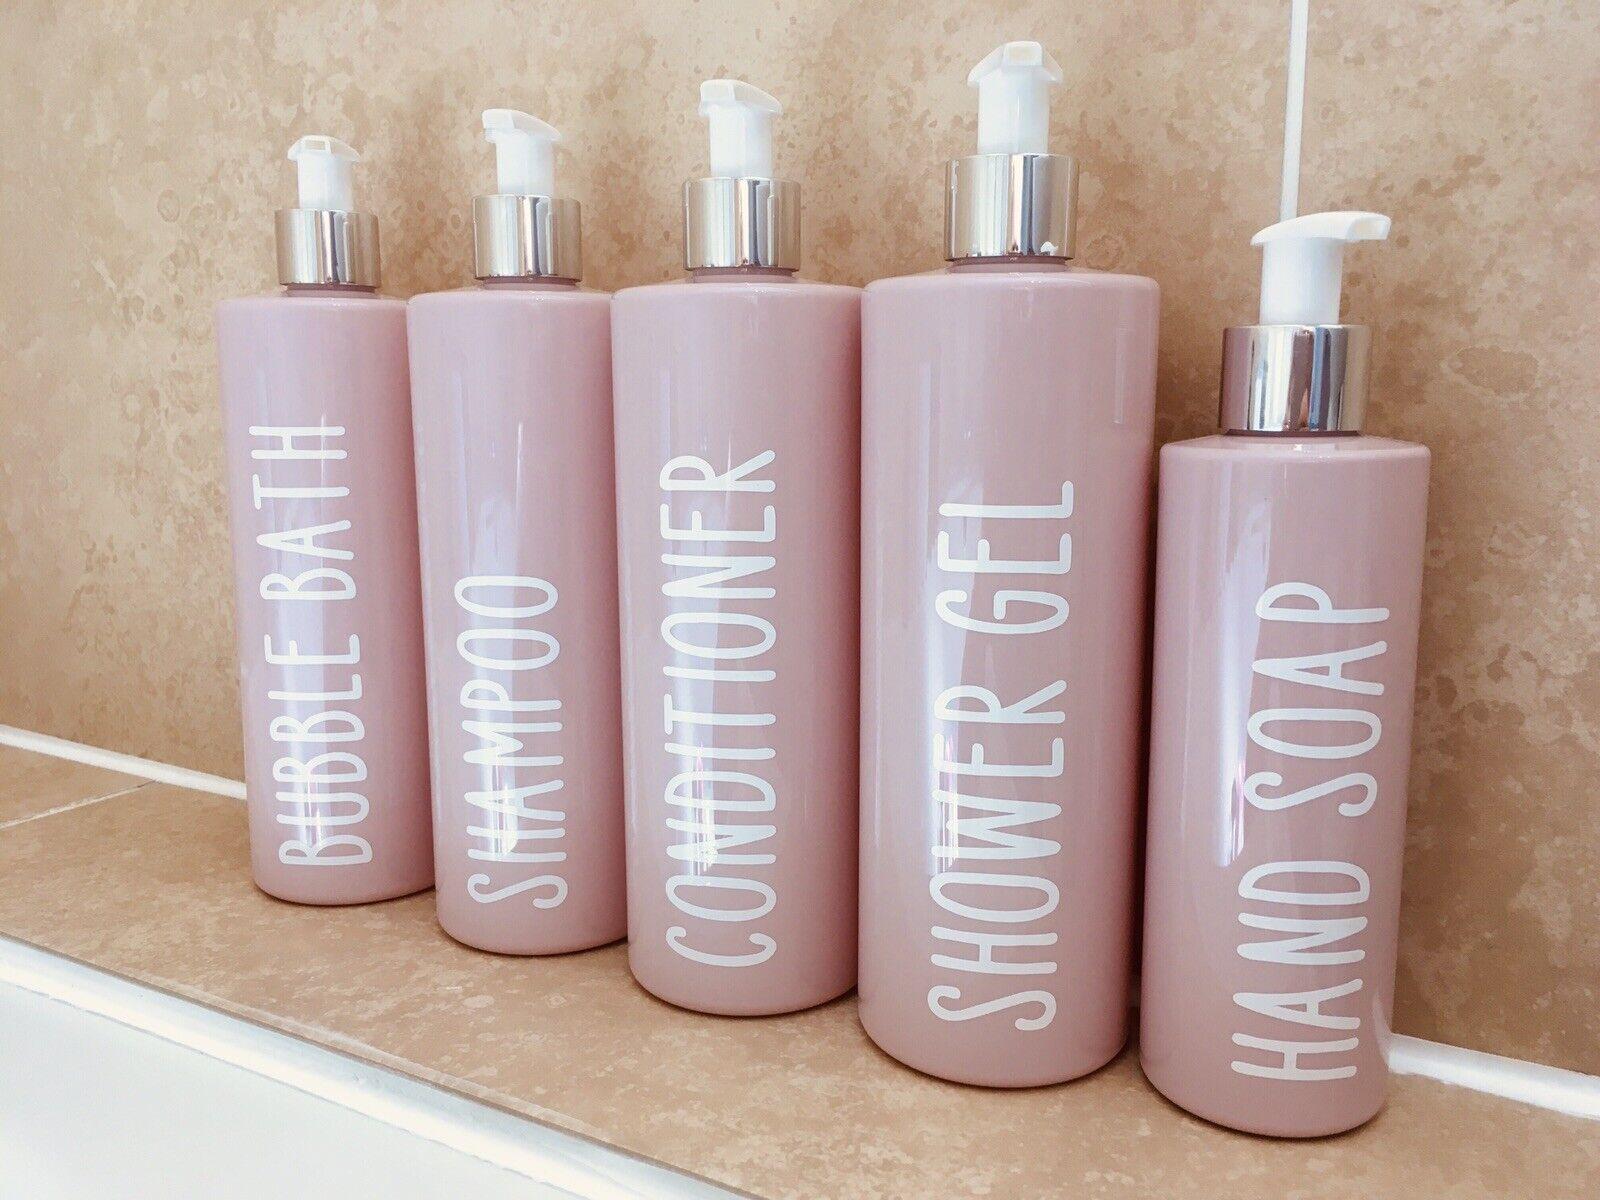 5x Personalised Pink Dispenser Bottles Set Shampoo Conditioner Shower Gel